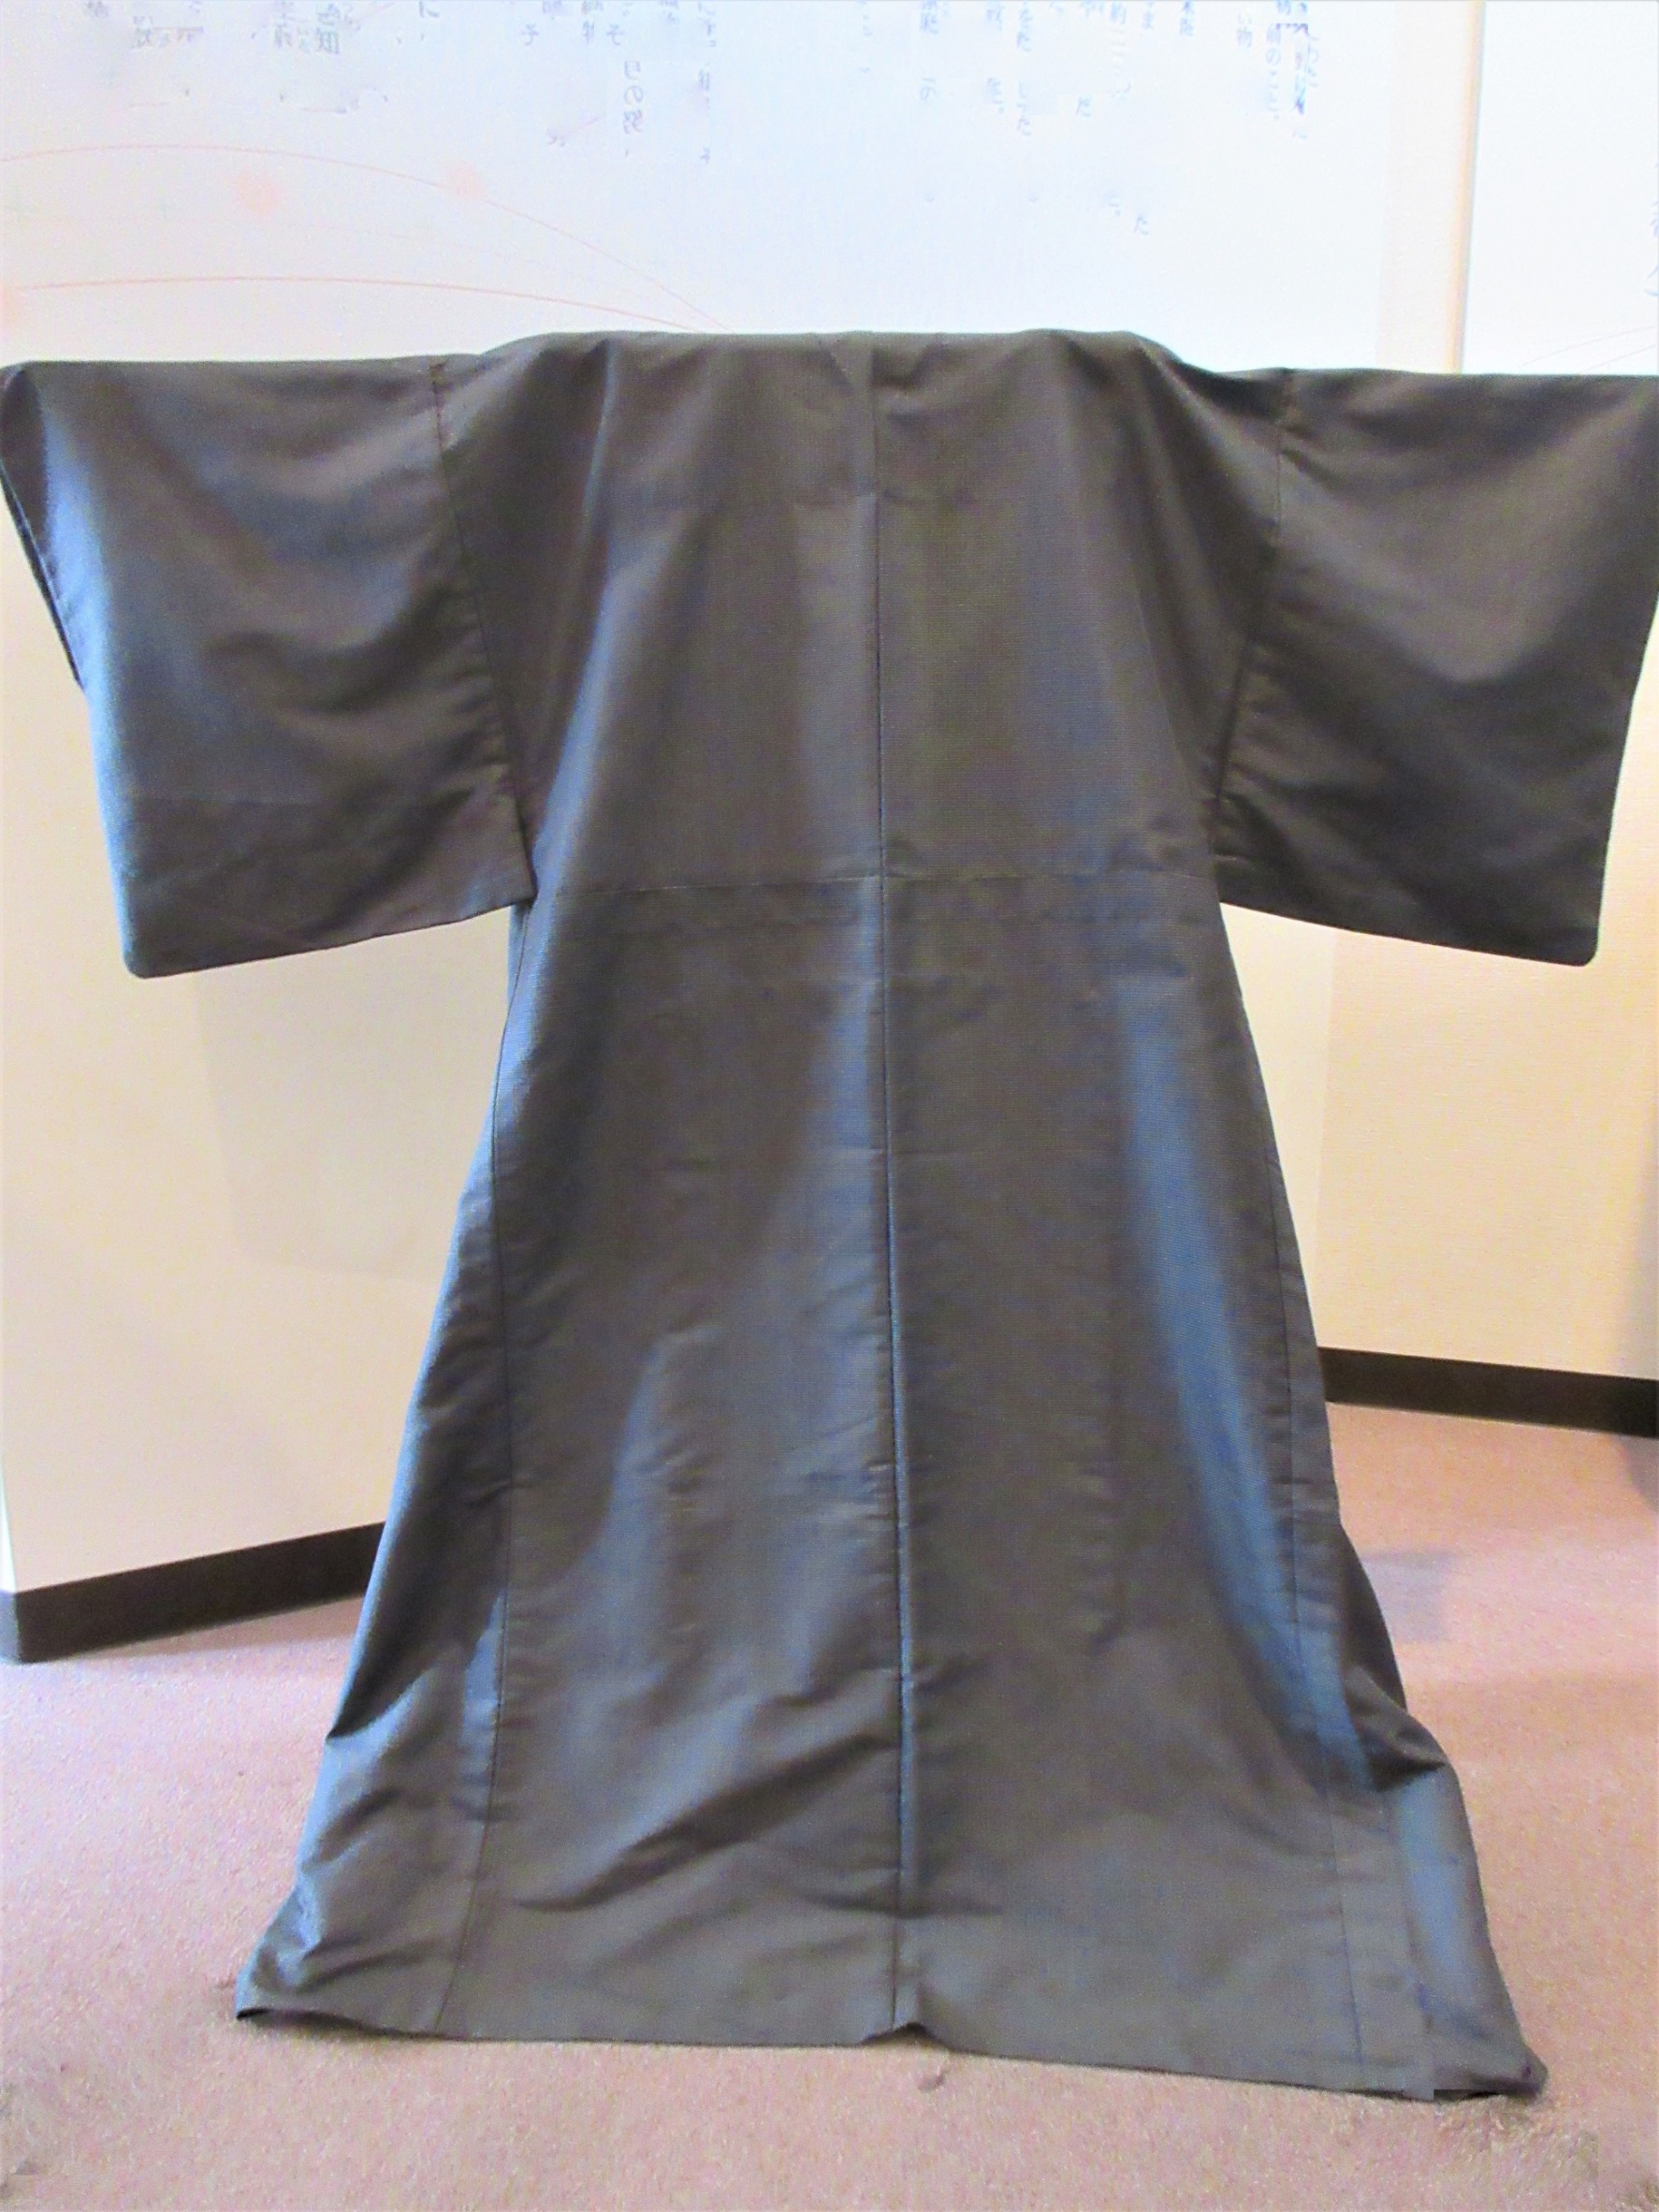 明治・大正時代の絹織物